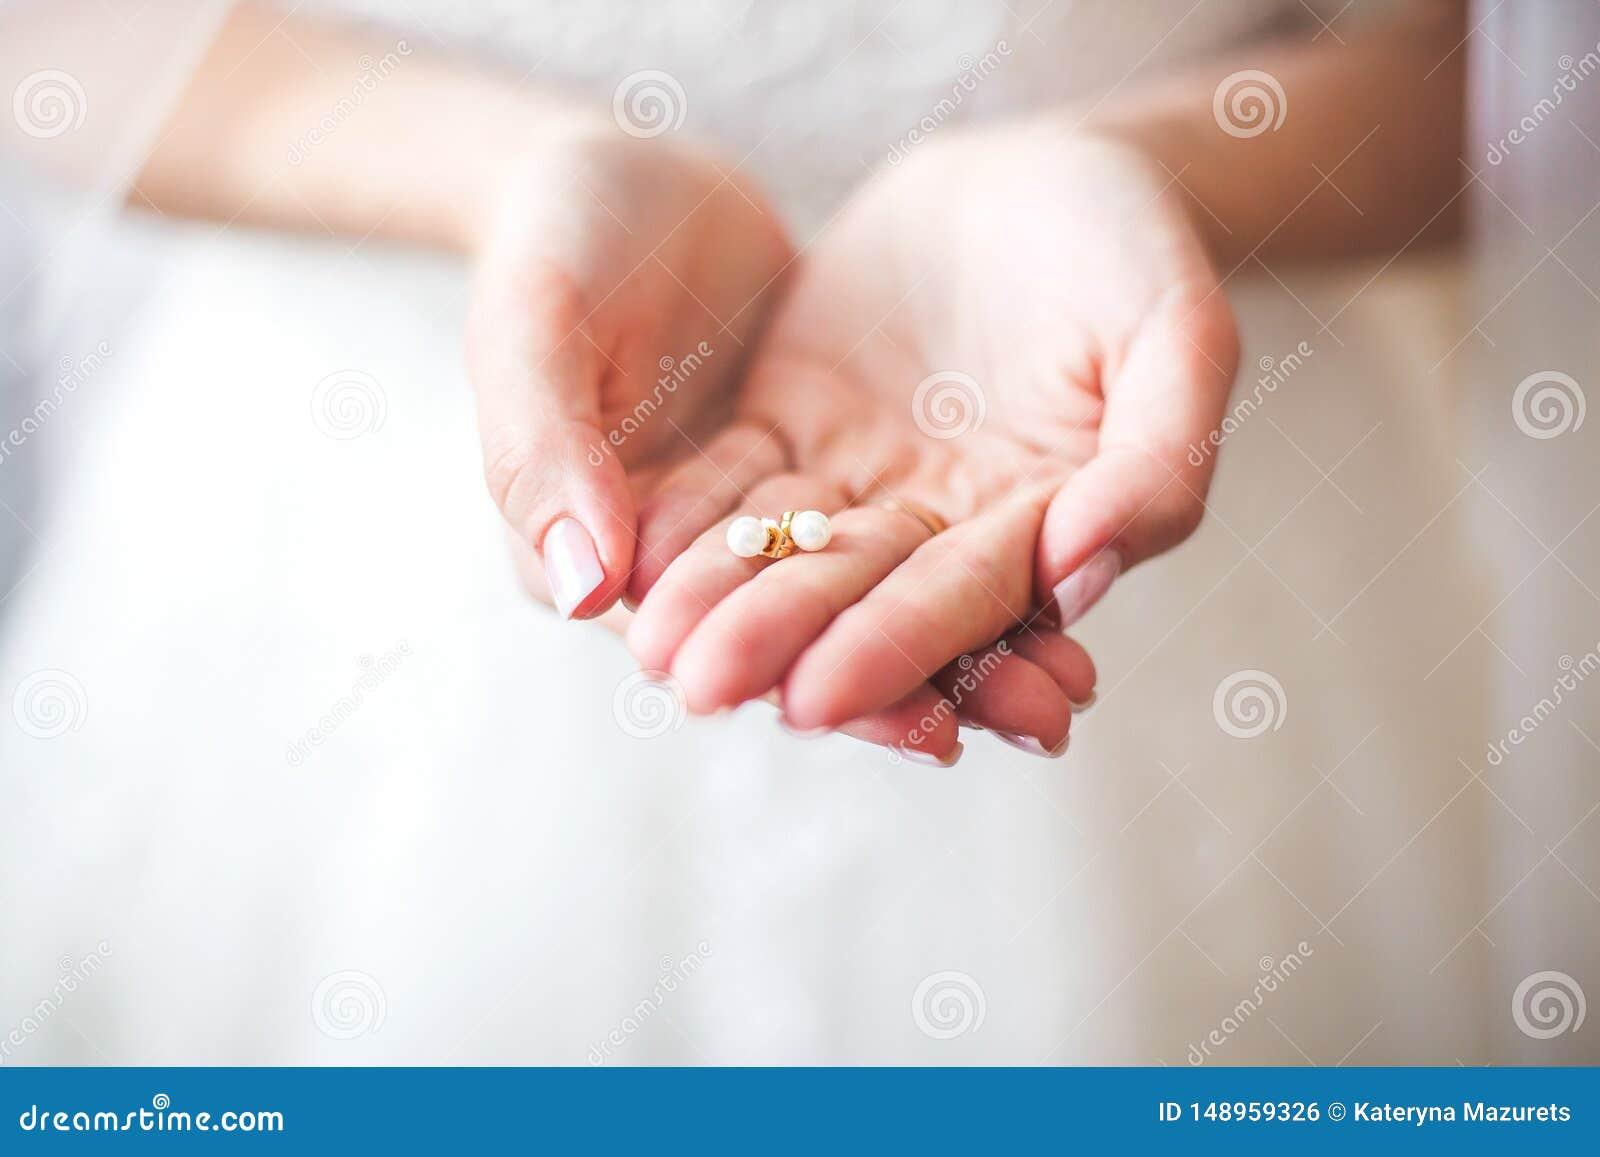 白色耳环在新娘的手上